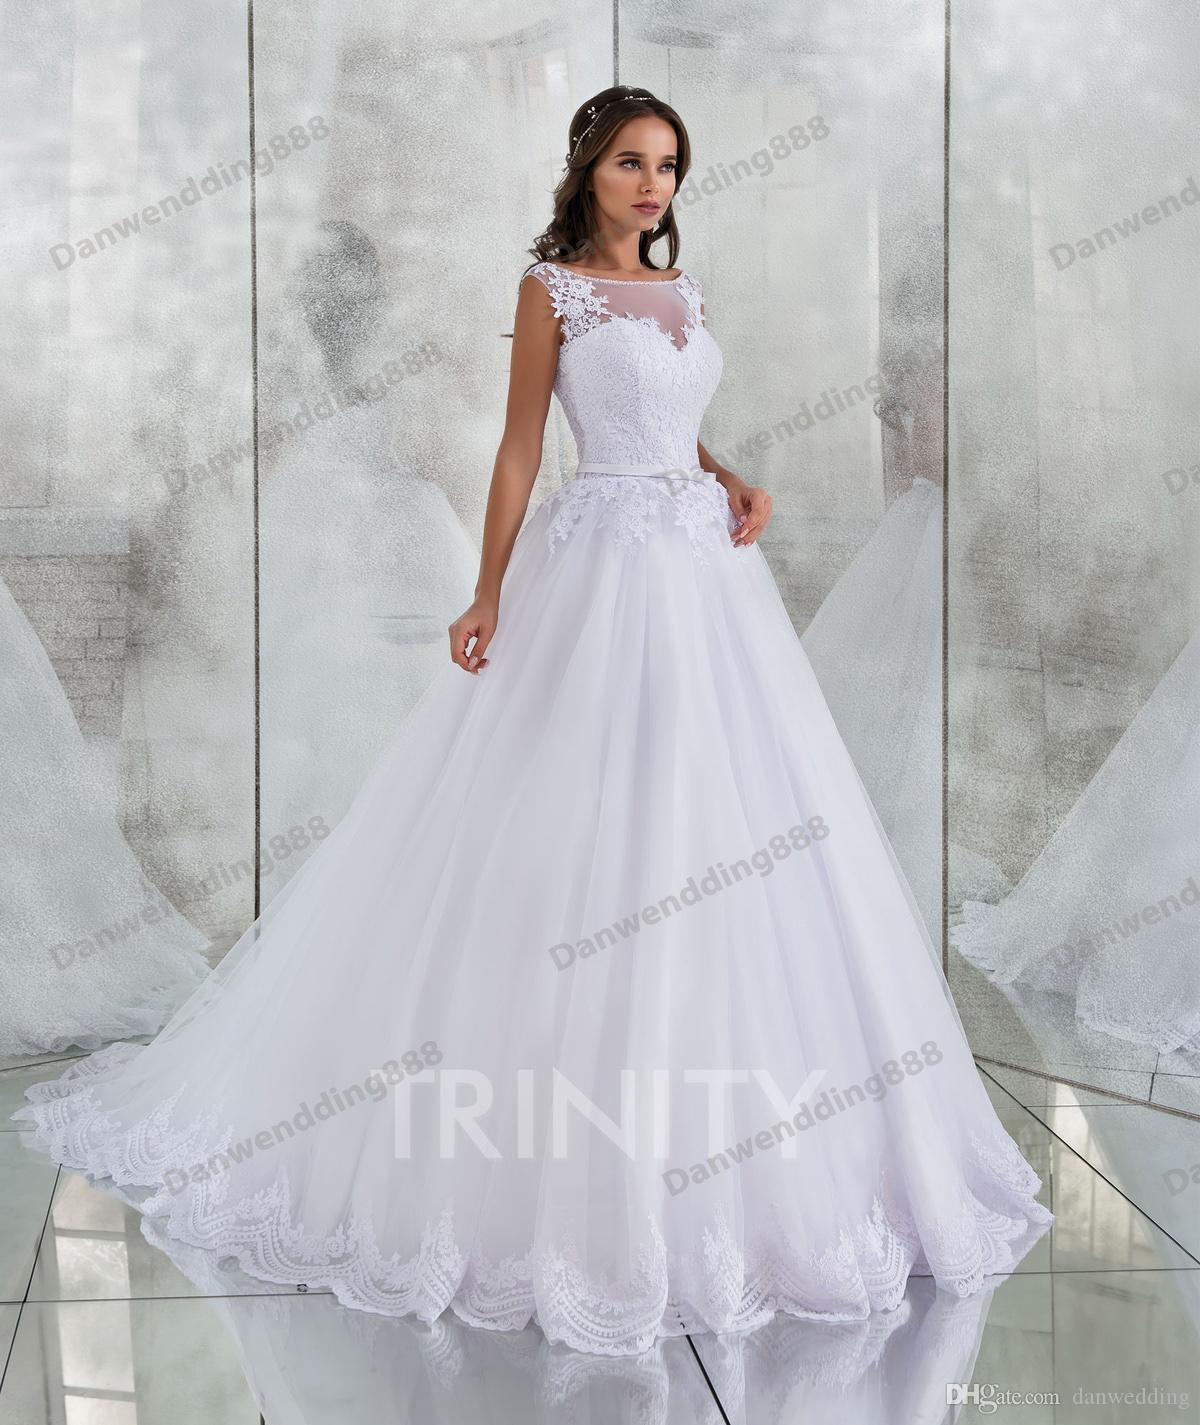 Elegante blanco Scoop Tulle Applique Beads una línea de vestidos de novia nupcial desfile vestidos de boda vestidos de tamaño personalizado 2-16 ZW712174